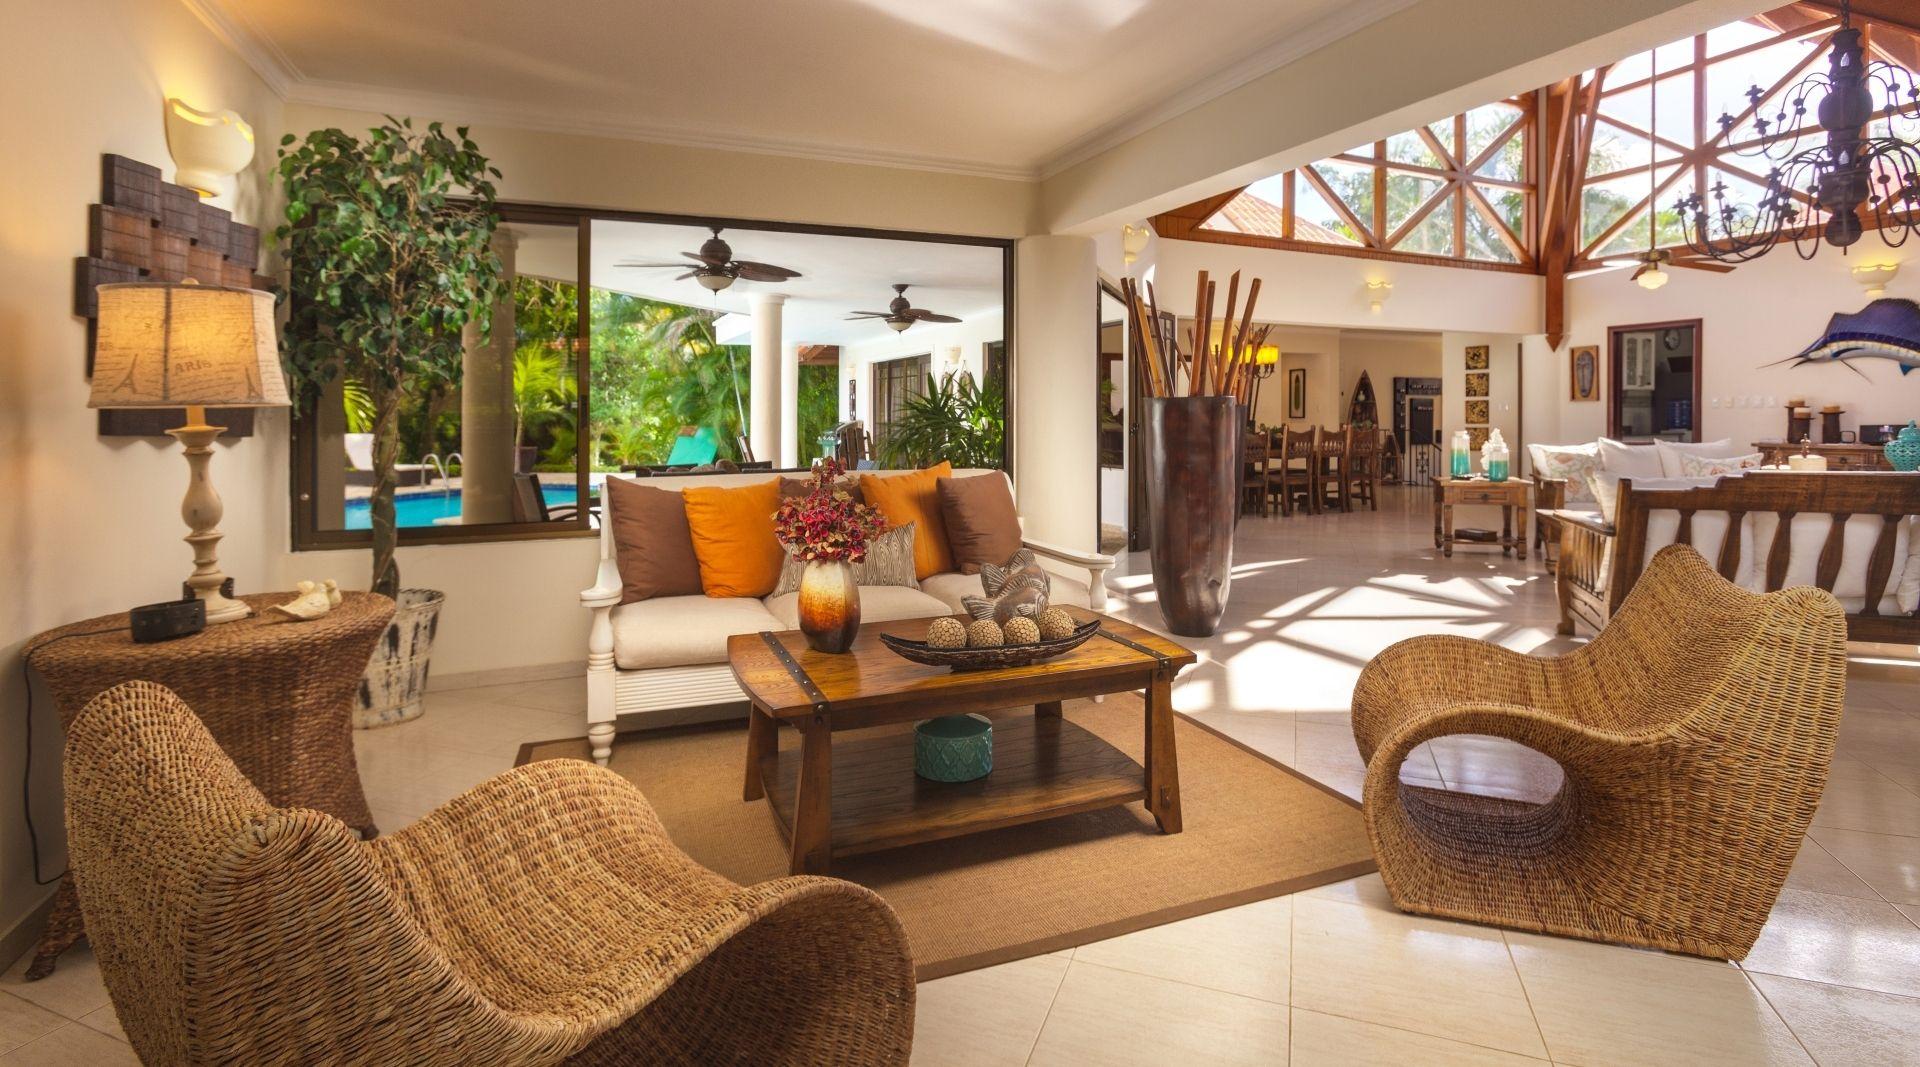 4 Bedroom Classic Villa Almendros Living Room